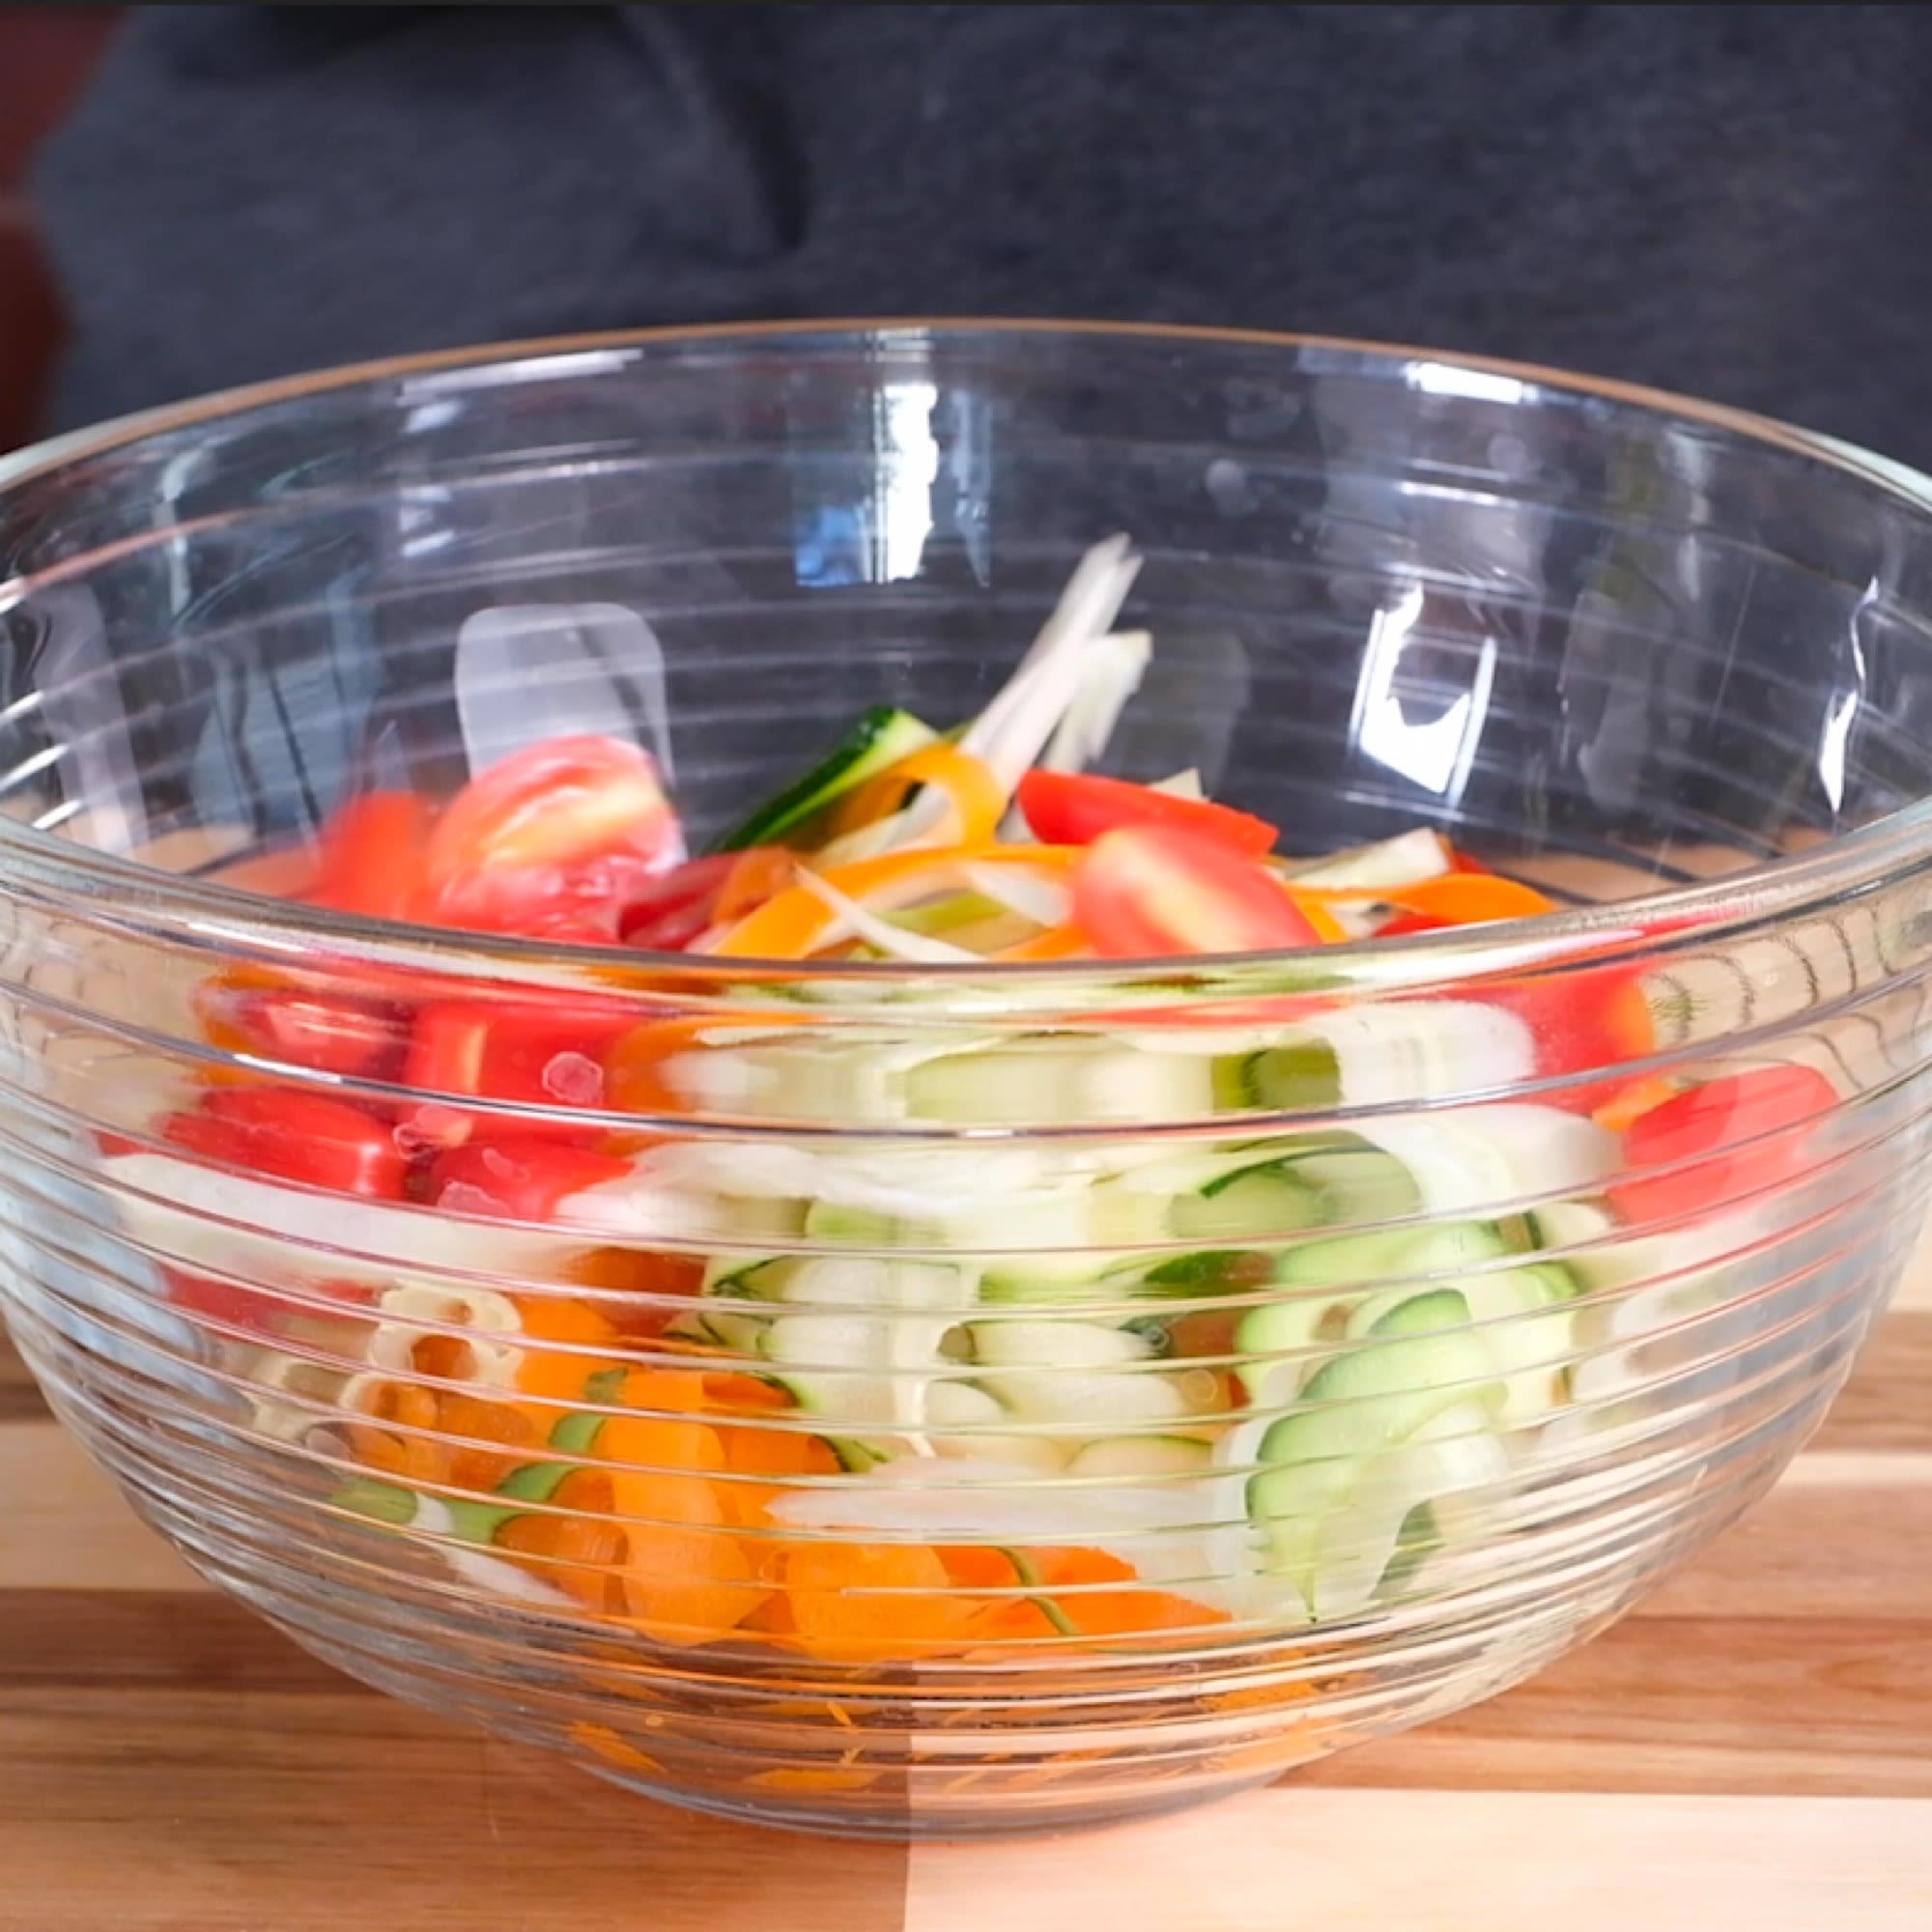 Prepare Vegetables.